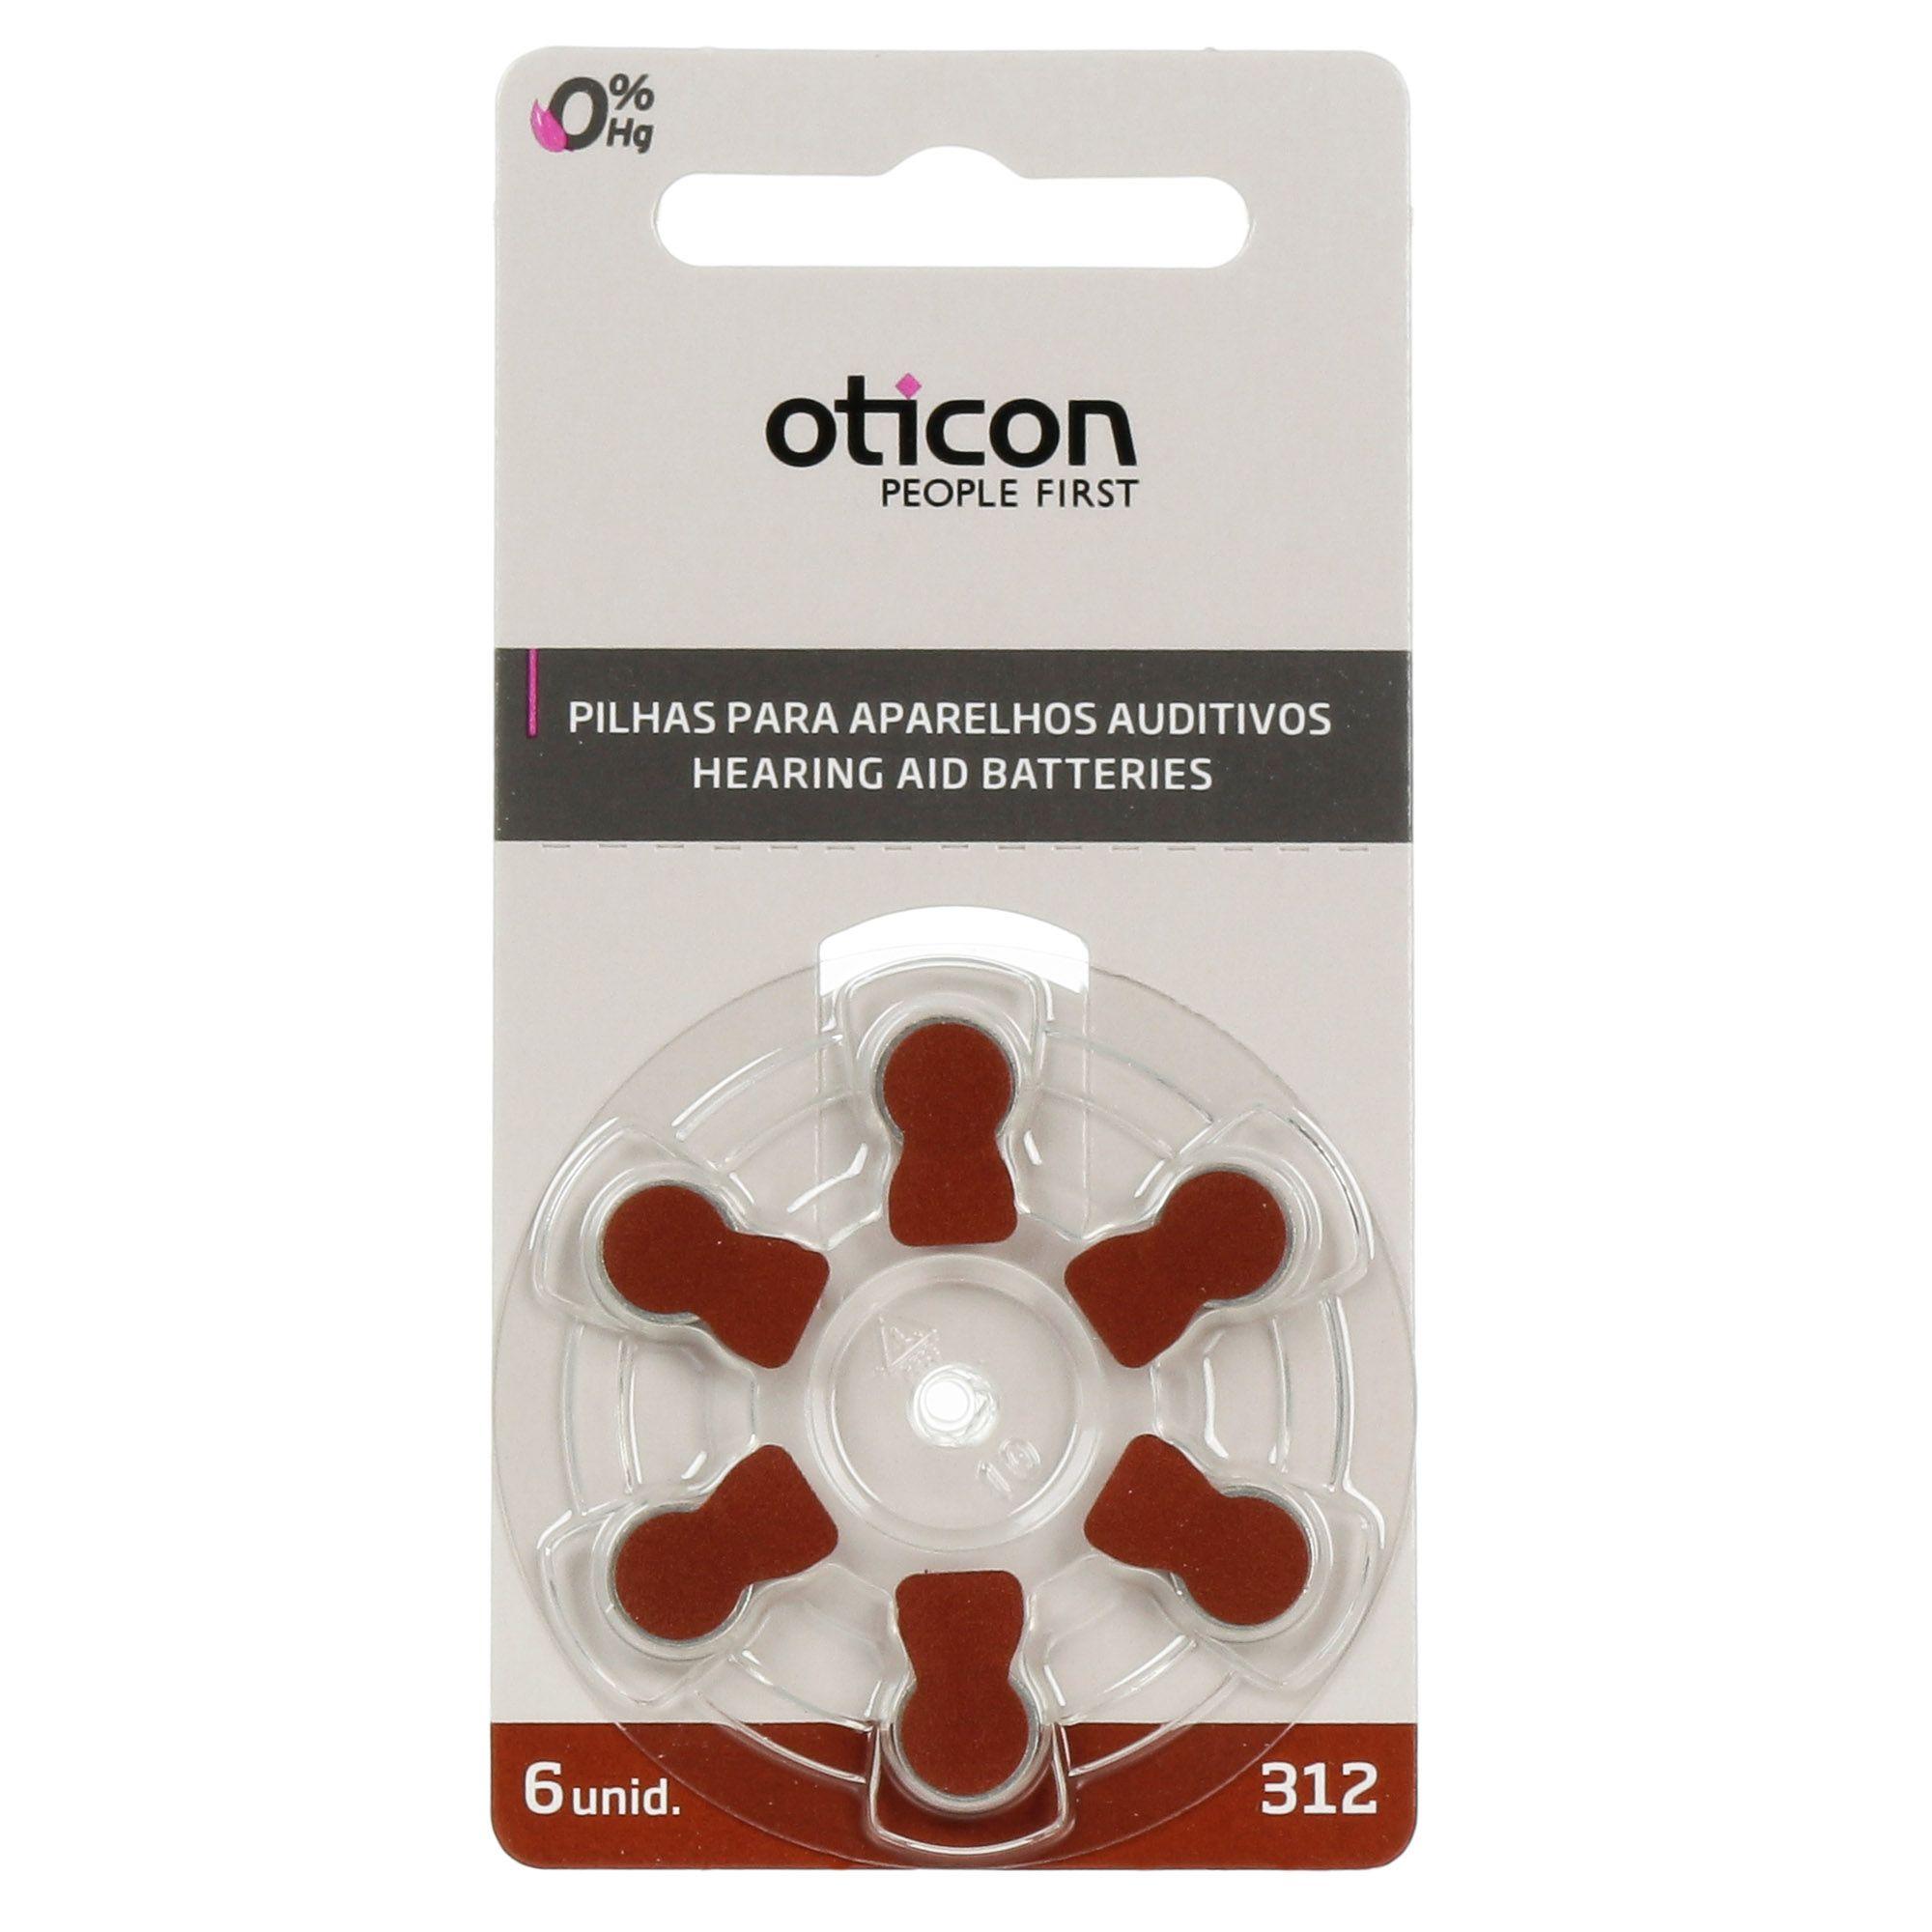 OTICON 312 / PR41 - 1 Cartela - 6 Baterias para Aparelho Auditivo